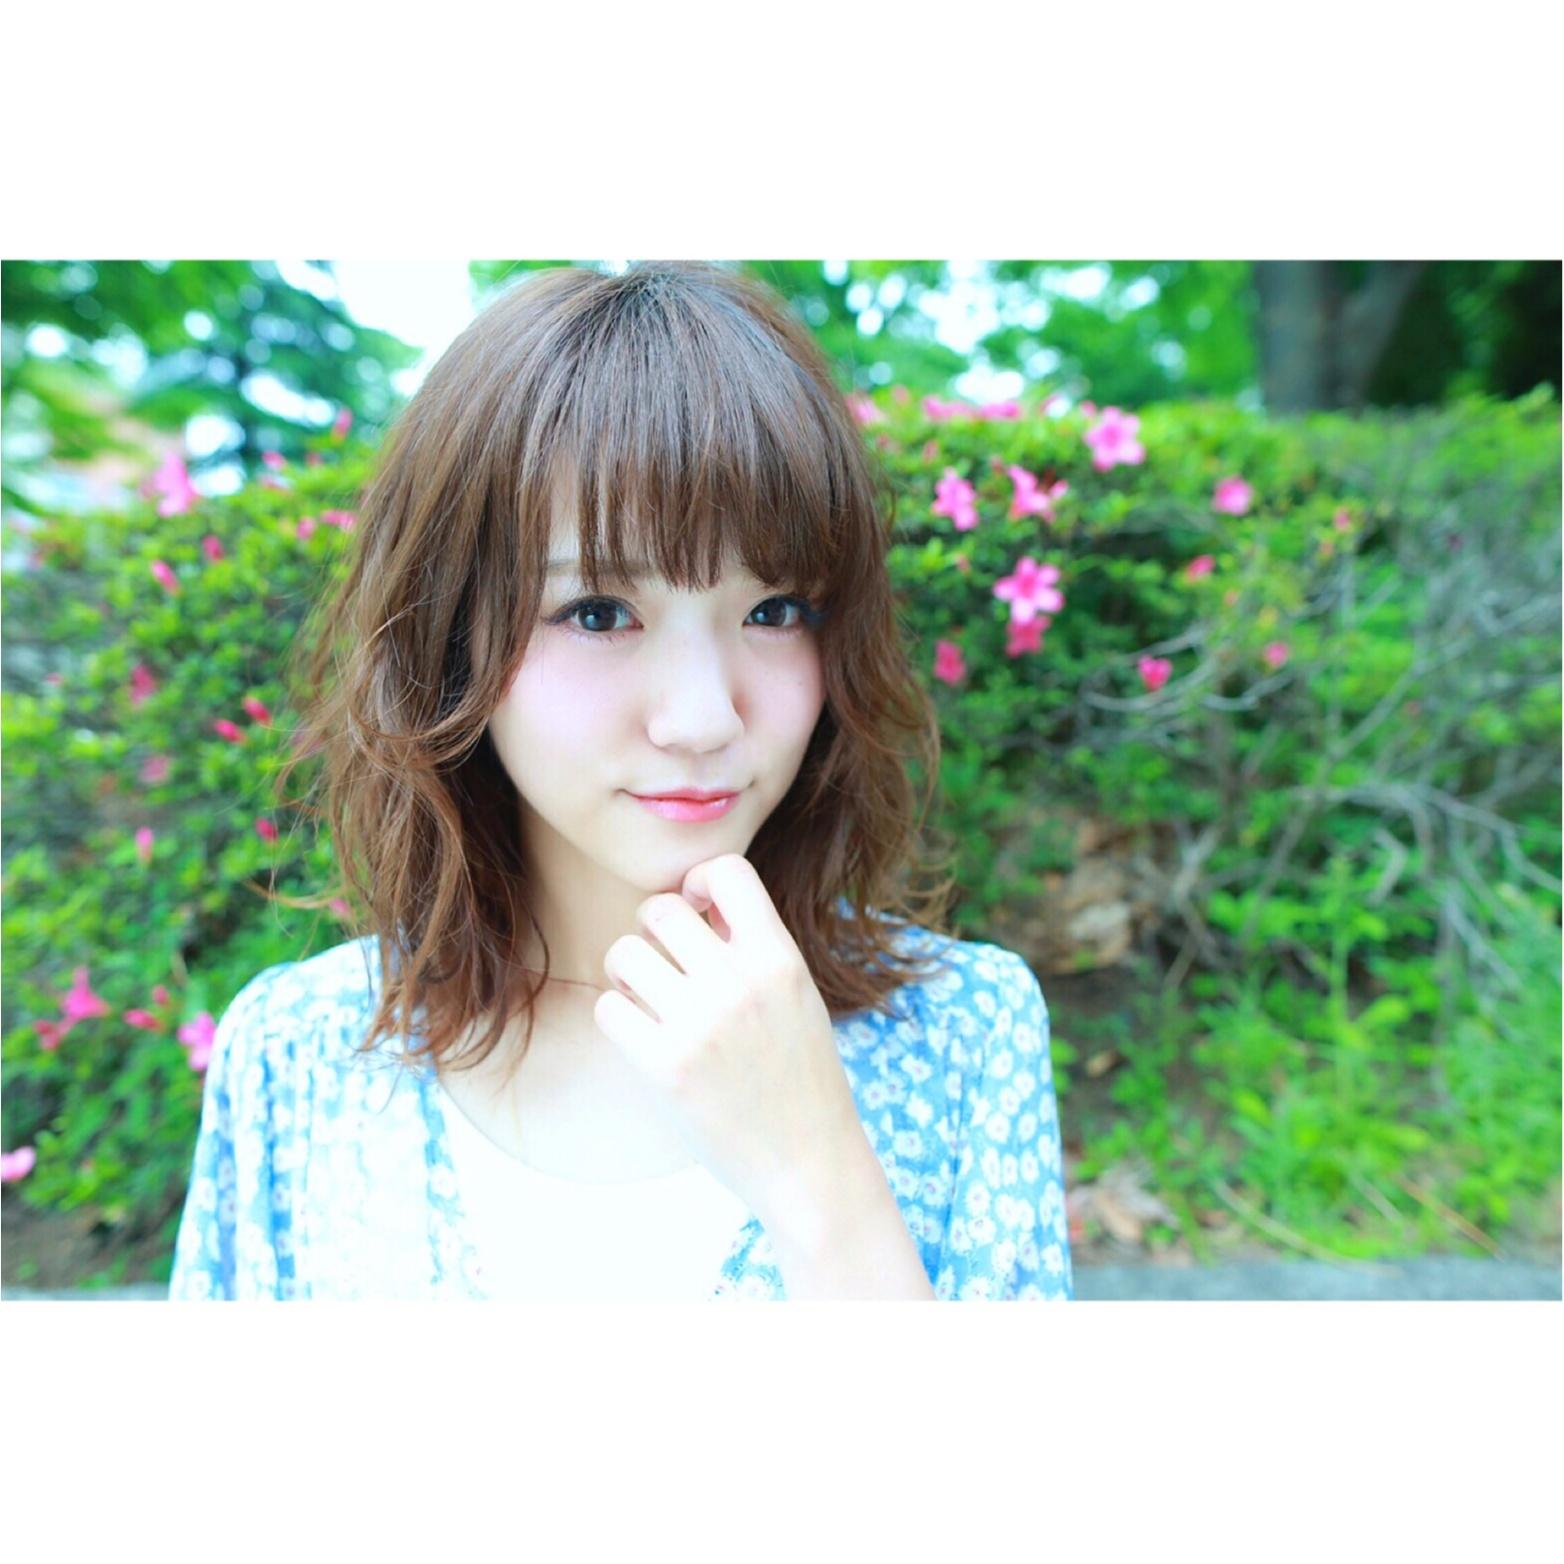 ..♡部員No.535 Saeko自己紹介♡.._1